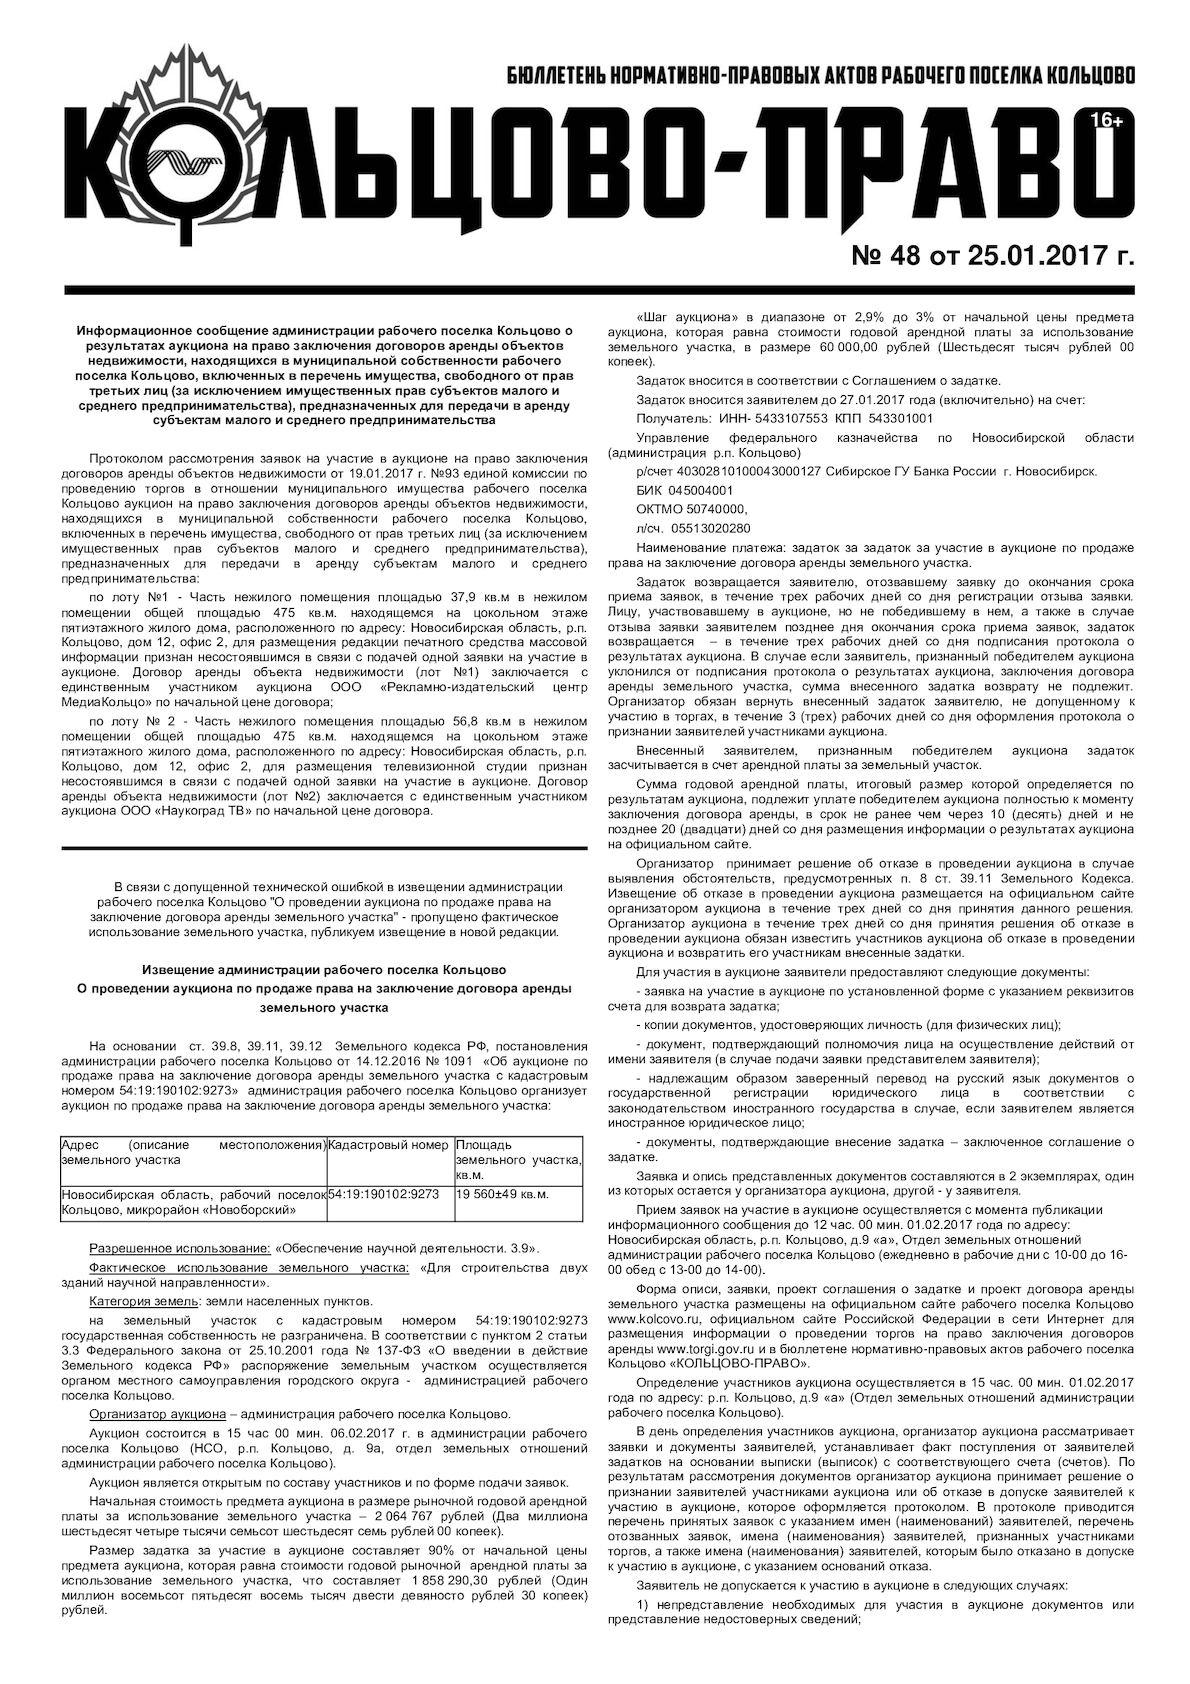 договор аренды земельный кодекс